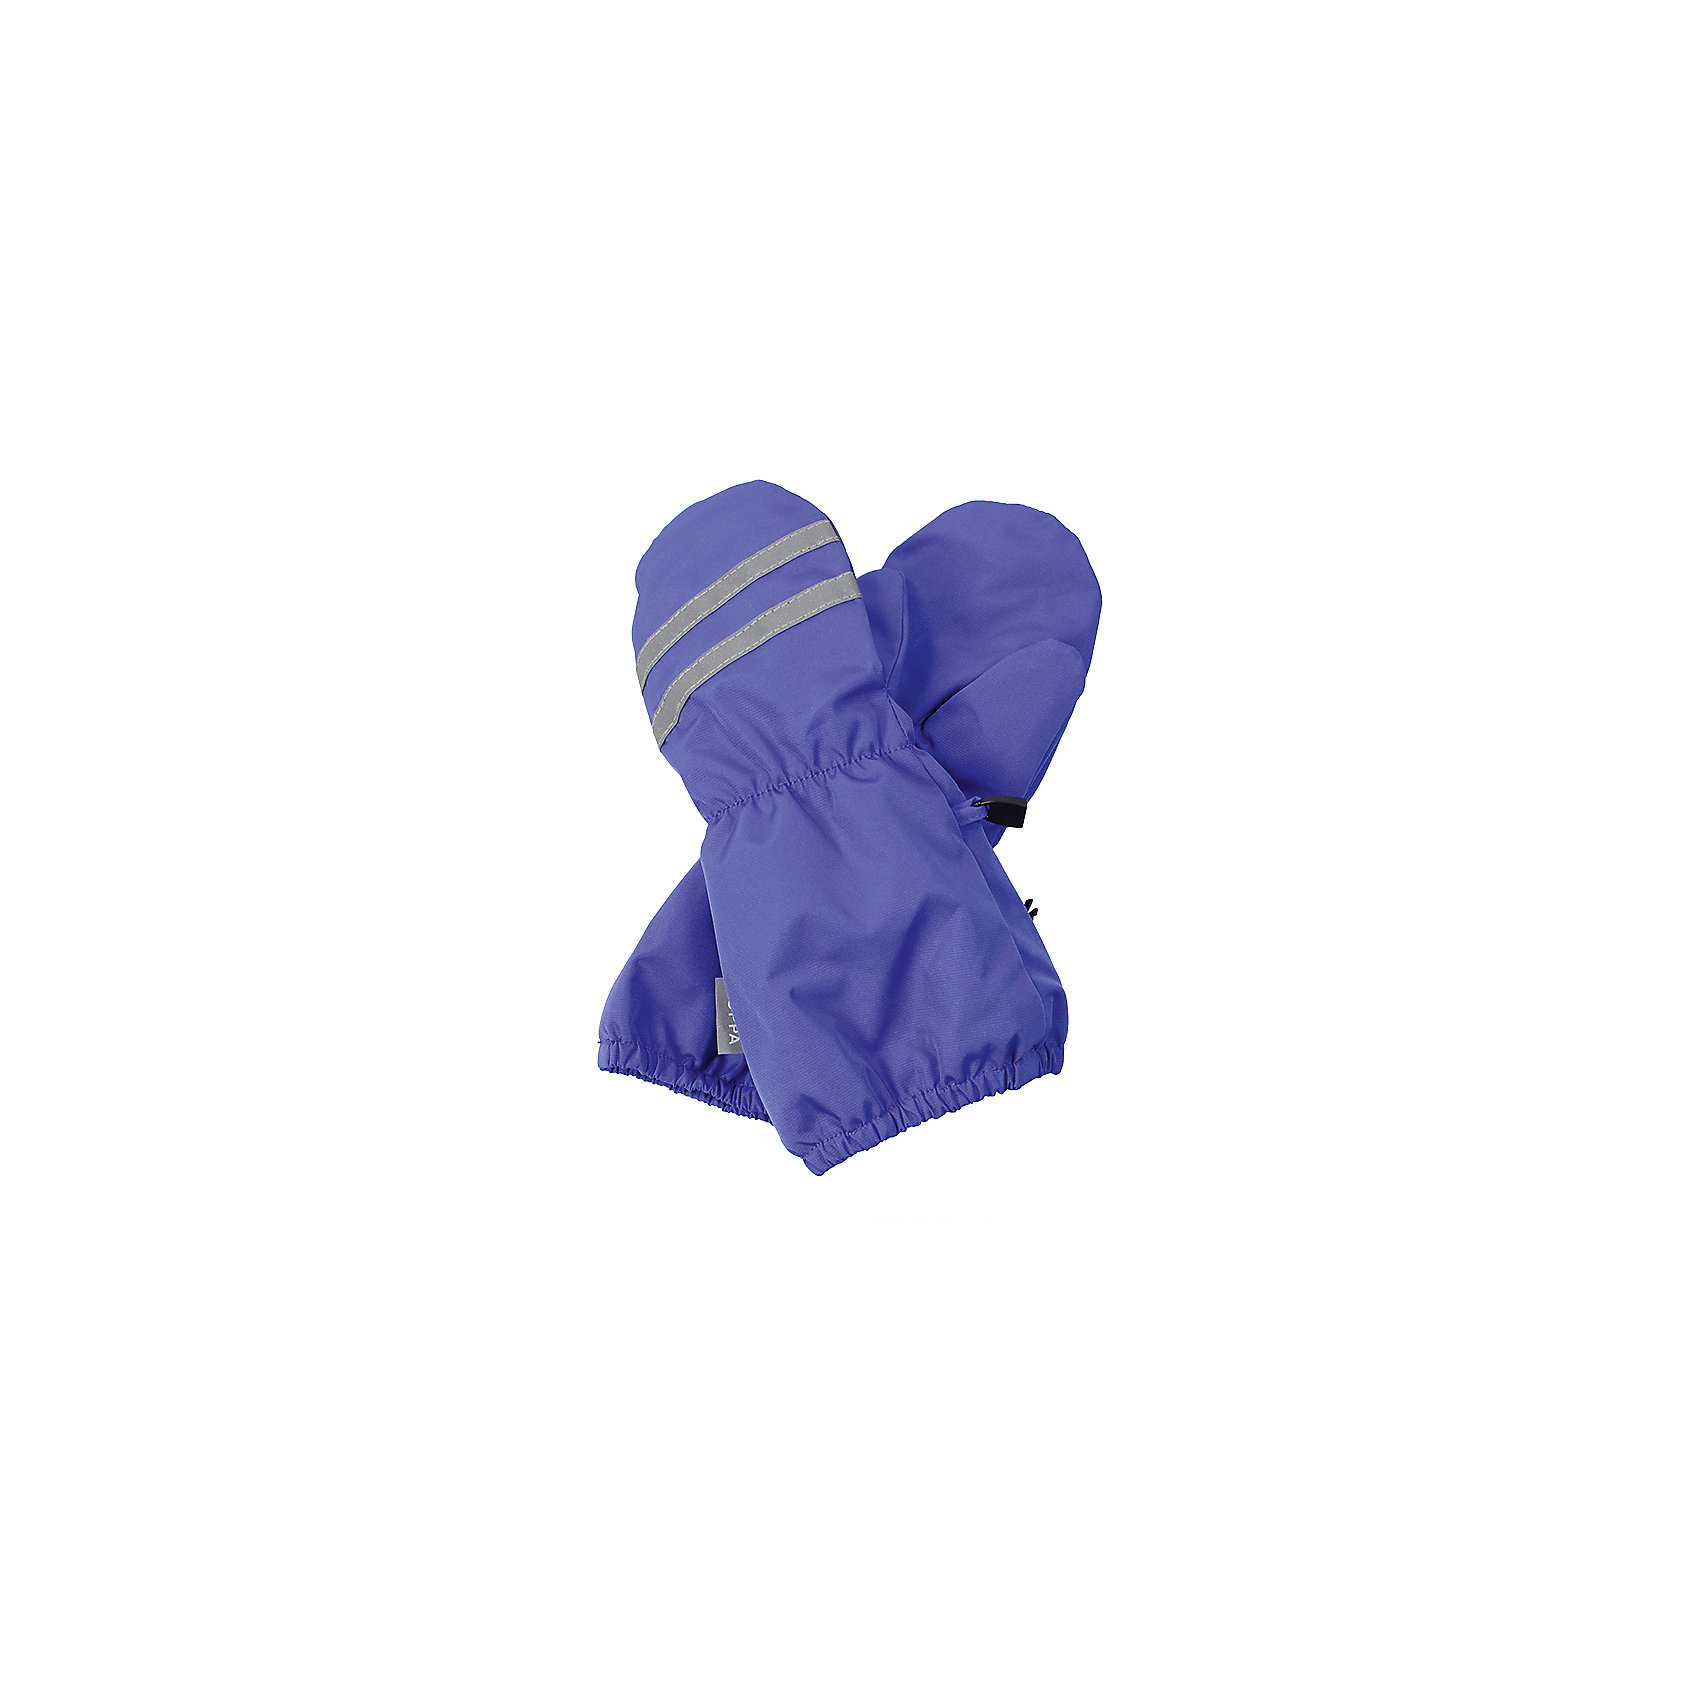 Рукавицы для мальчика HuppaПерчатки, варежки<br>Влагоустойчивая и дышащая ткань 10 000/ 10 000<br>Мембрана препятствует прохождению воды и ветра сквозь ткань внутрь изделия, позволяя испаряться выделяемой телом, образовывающейся внутри влаге.<br><br>Прочная ткань<br>Сплетения волокон в тканях выполнены по специальной технологии, которая придаёт ткани прочность и предохранят от истирания.<br><br>Светоотражательные детали<br>При плохих погодных условиях или в темноте, когда свет падает на одежду, он отражается, делая ребёнка более заметным, уменьшая возможность несчастных случаев.<br><br>Дополнительная информация:<br><br>Температурный режим - от 0С до +10С<br>Материал - 100% полиэстер<br><br>Рукавицы для мальчика Huppa можно купить в нашем магазине.<br><br>Ширина мм: 162<br>Глубина мм: 171<br>Высота мм: 55<br>Вес г: 119<br>Цвет: серый<br>Возраст от месяцев: 3<br>Возраст до месяцев: 12<br>Пол: Мужской<br>Возраст: Детский<br>Размер: 1,5,4,2,3<br>SKU: 4595670